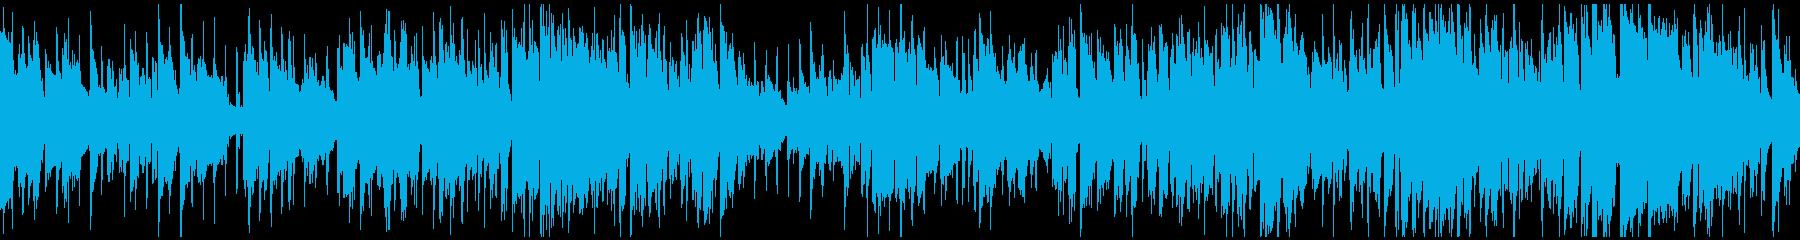 クラブジャズ、軽快なビート ※ループ版の再生済みの波形